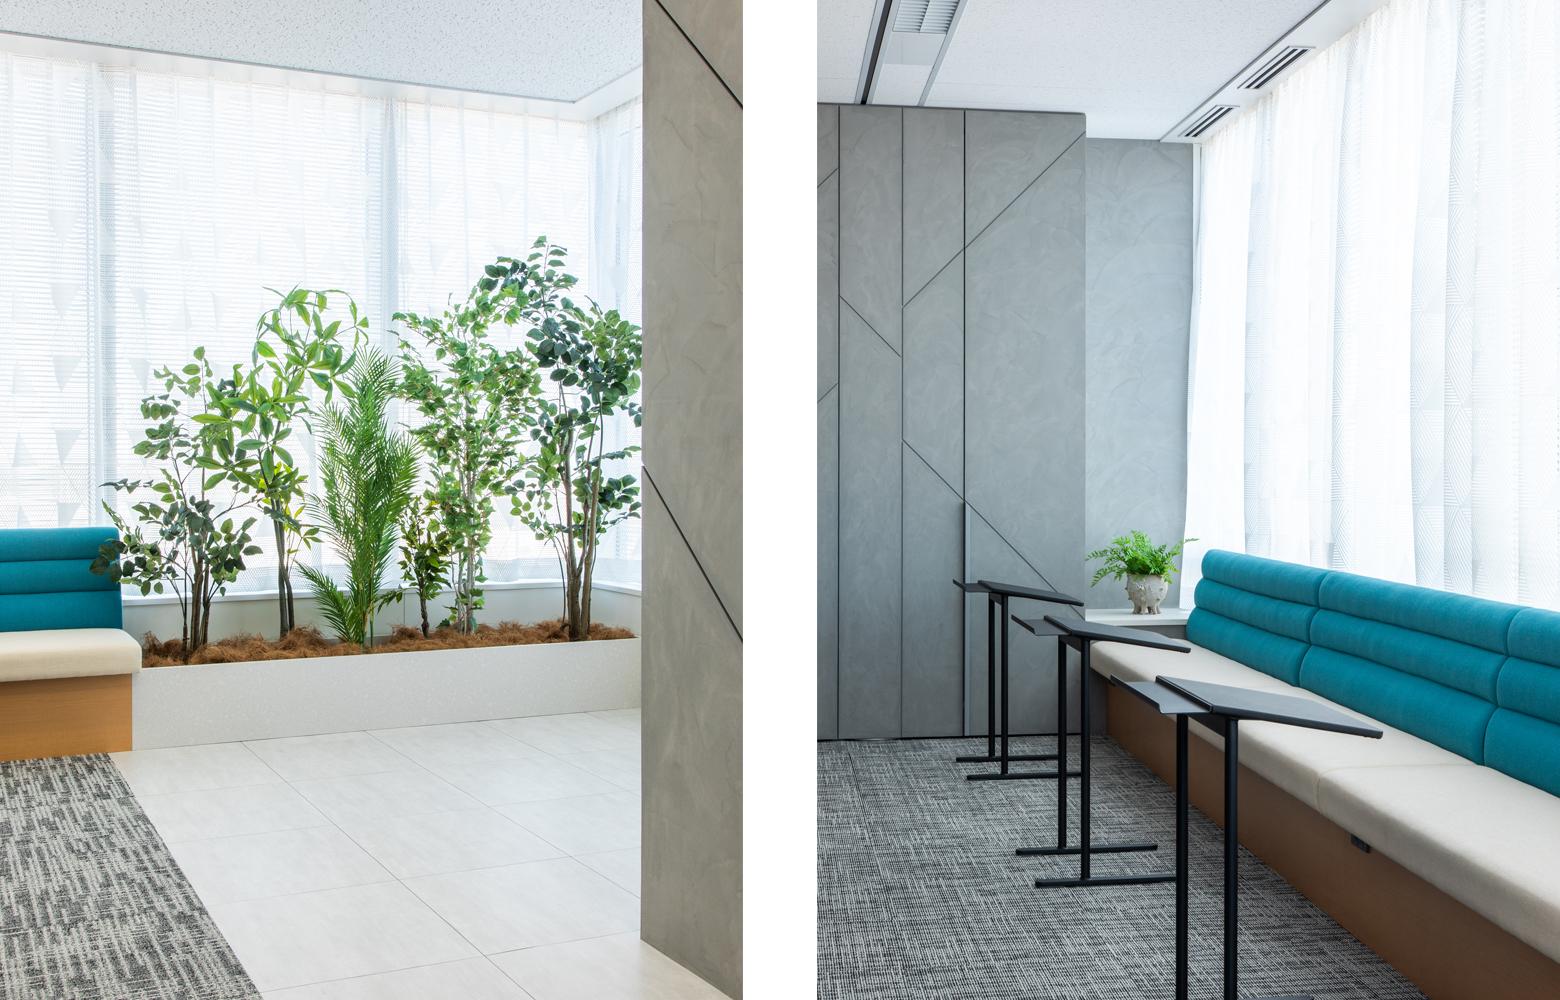 株式会社NTTデータMSE Shinyokohama Office Meeting Room_4 デザイン・レイアウト事例